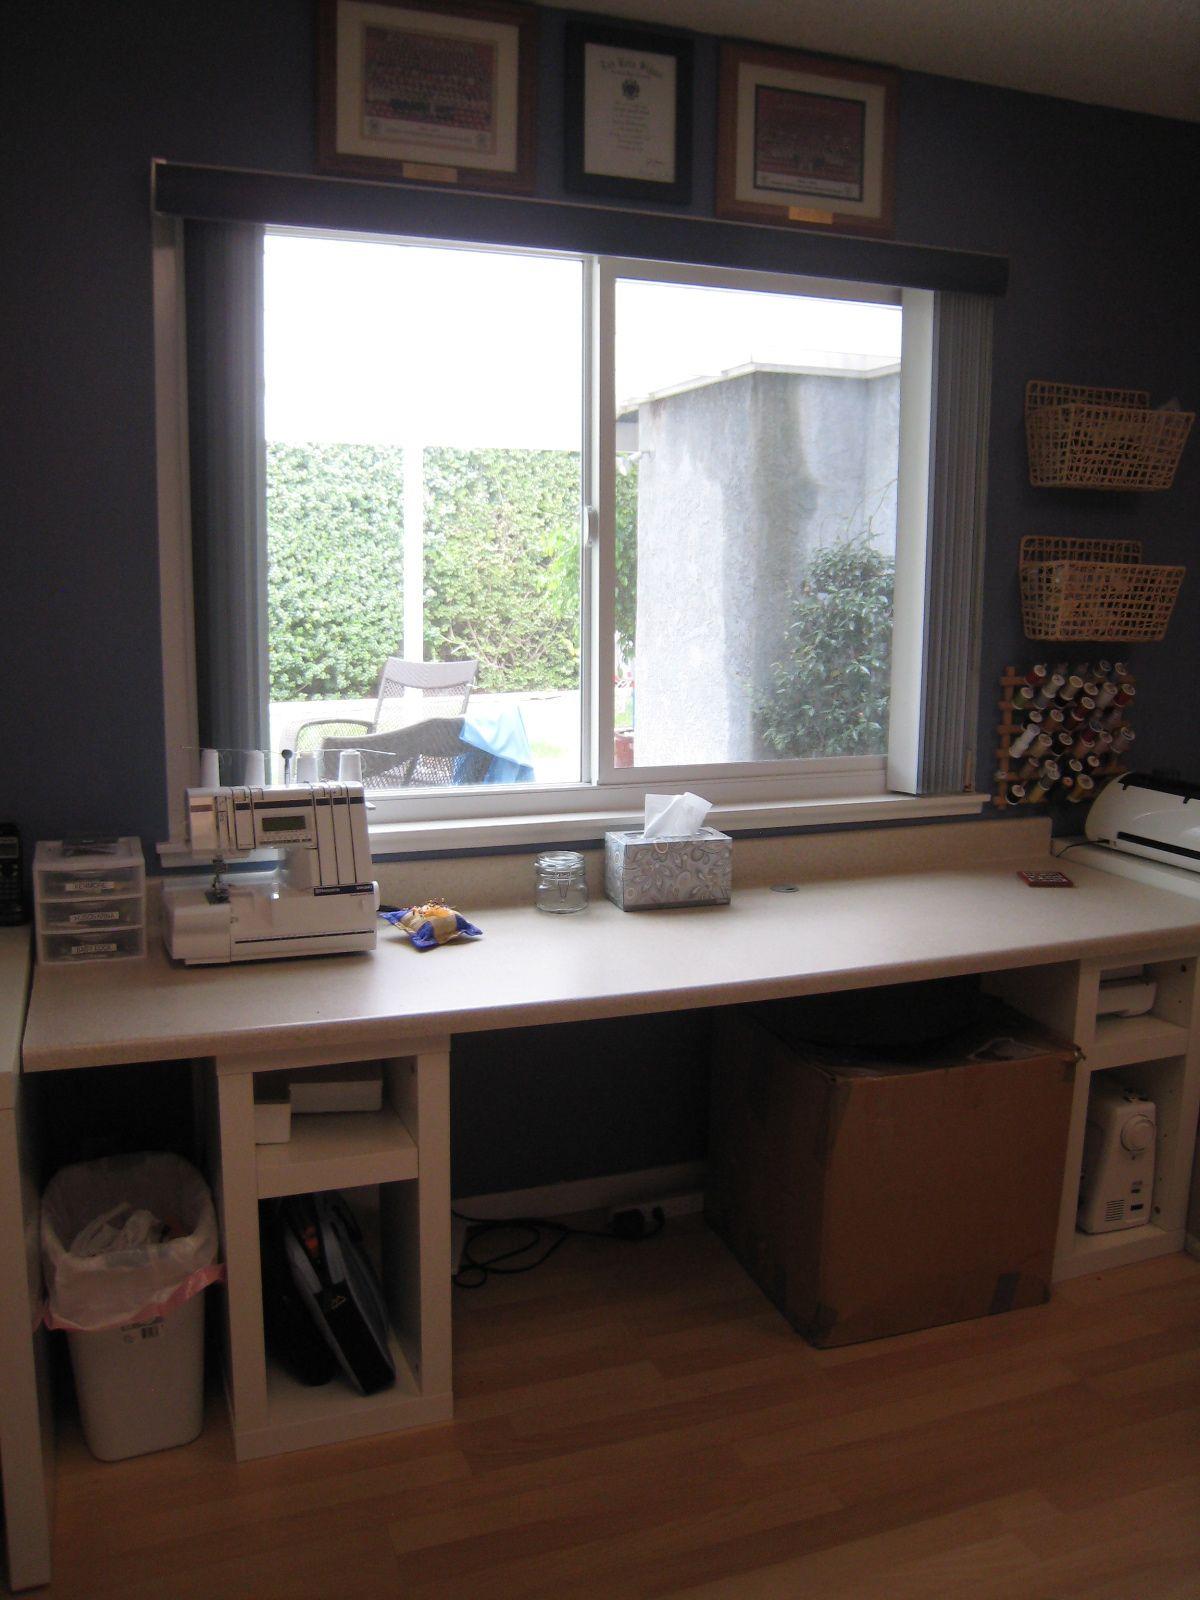 Sewing Table - Ikea Shelves